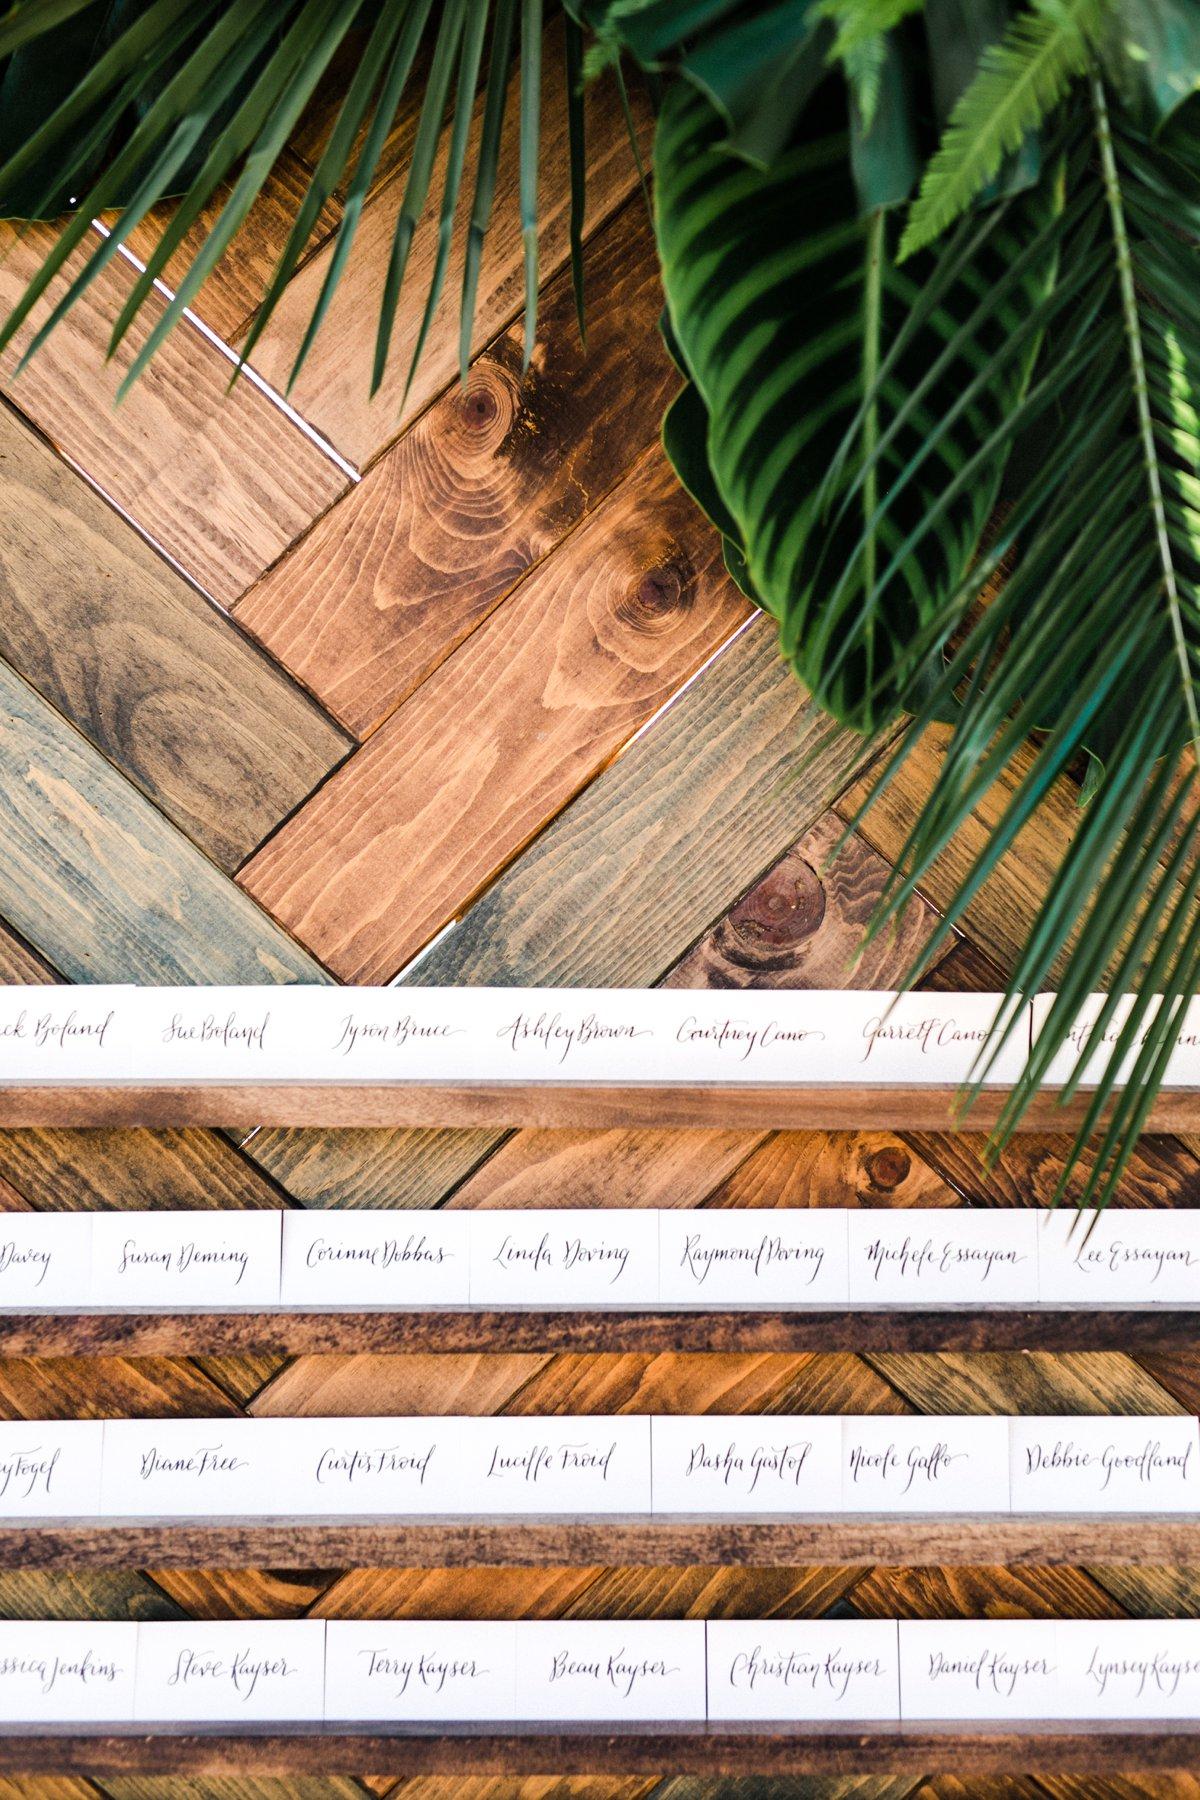 tropical wedding seating charts - photo by Anna Delores http://ruffledblog.com/chic-modern-wedding-at-four-seasons-santa-barbara